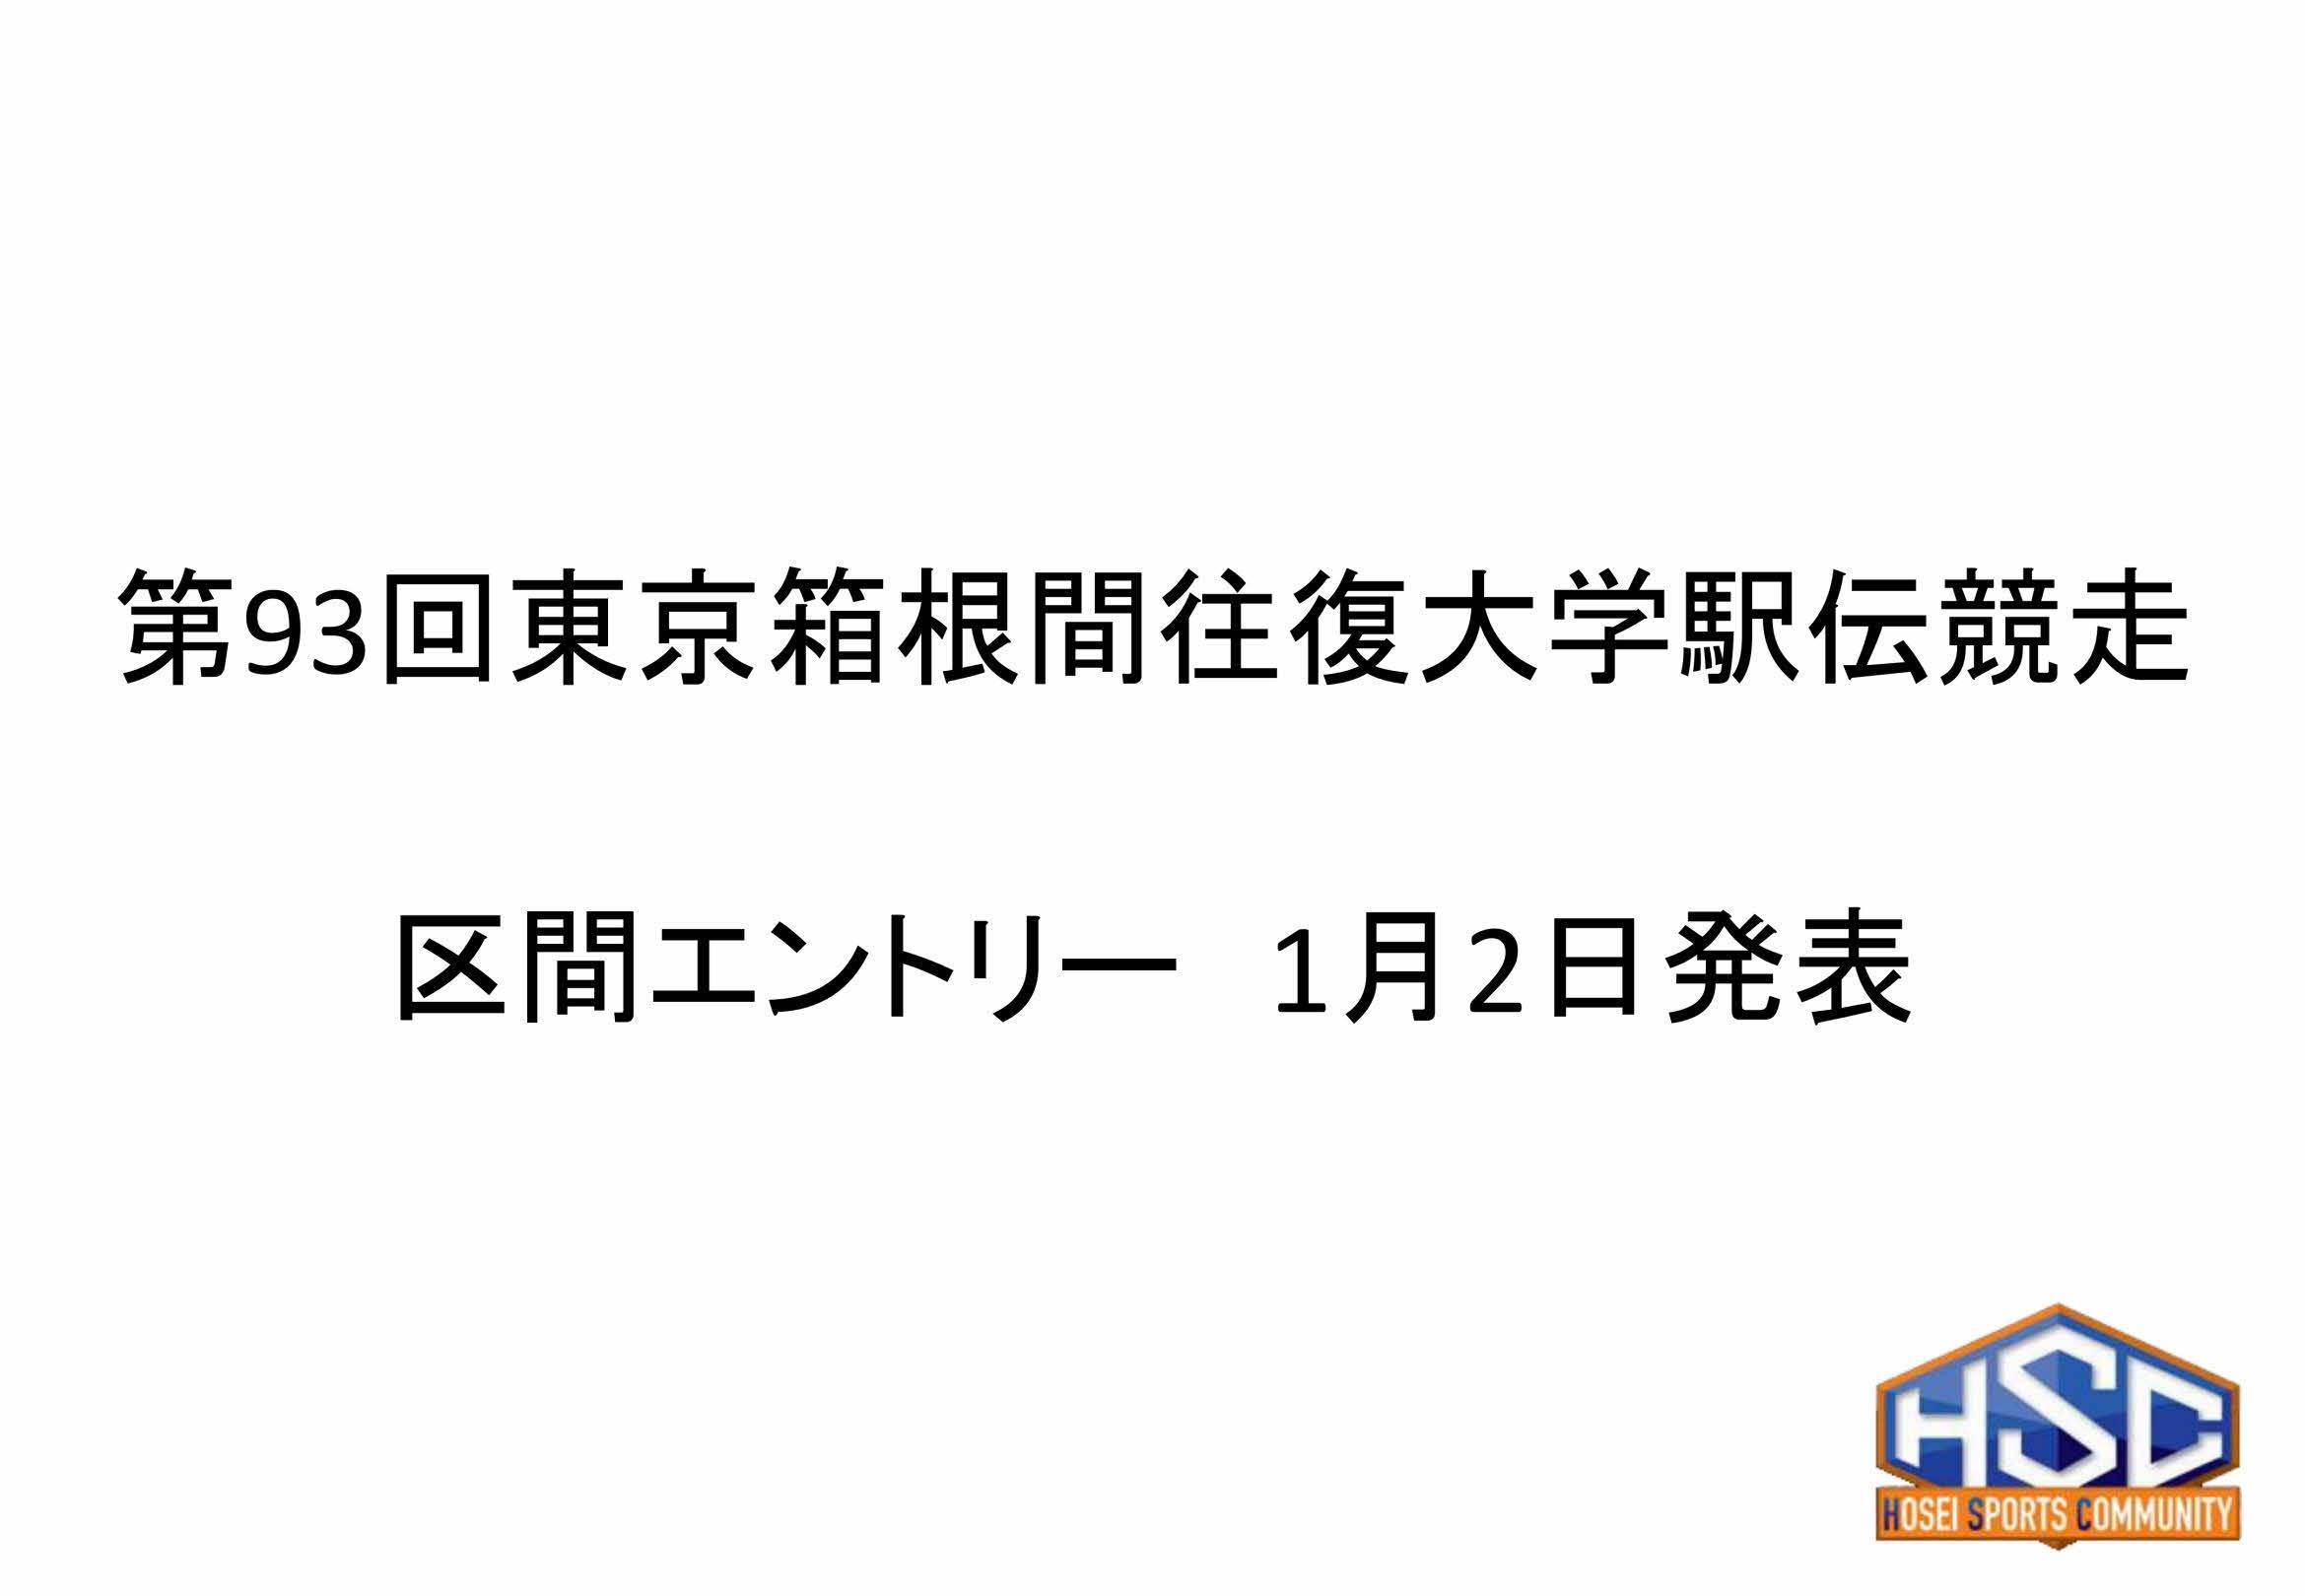 『第93回箱根駅伝』・法政大学区間エントリー〔発表:1月2日〕